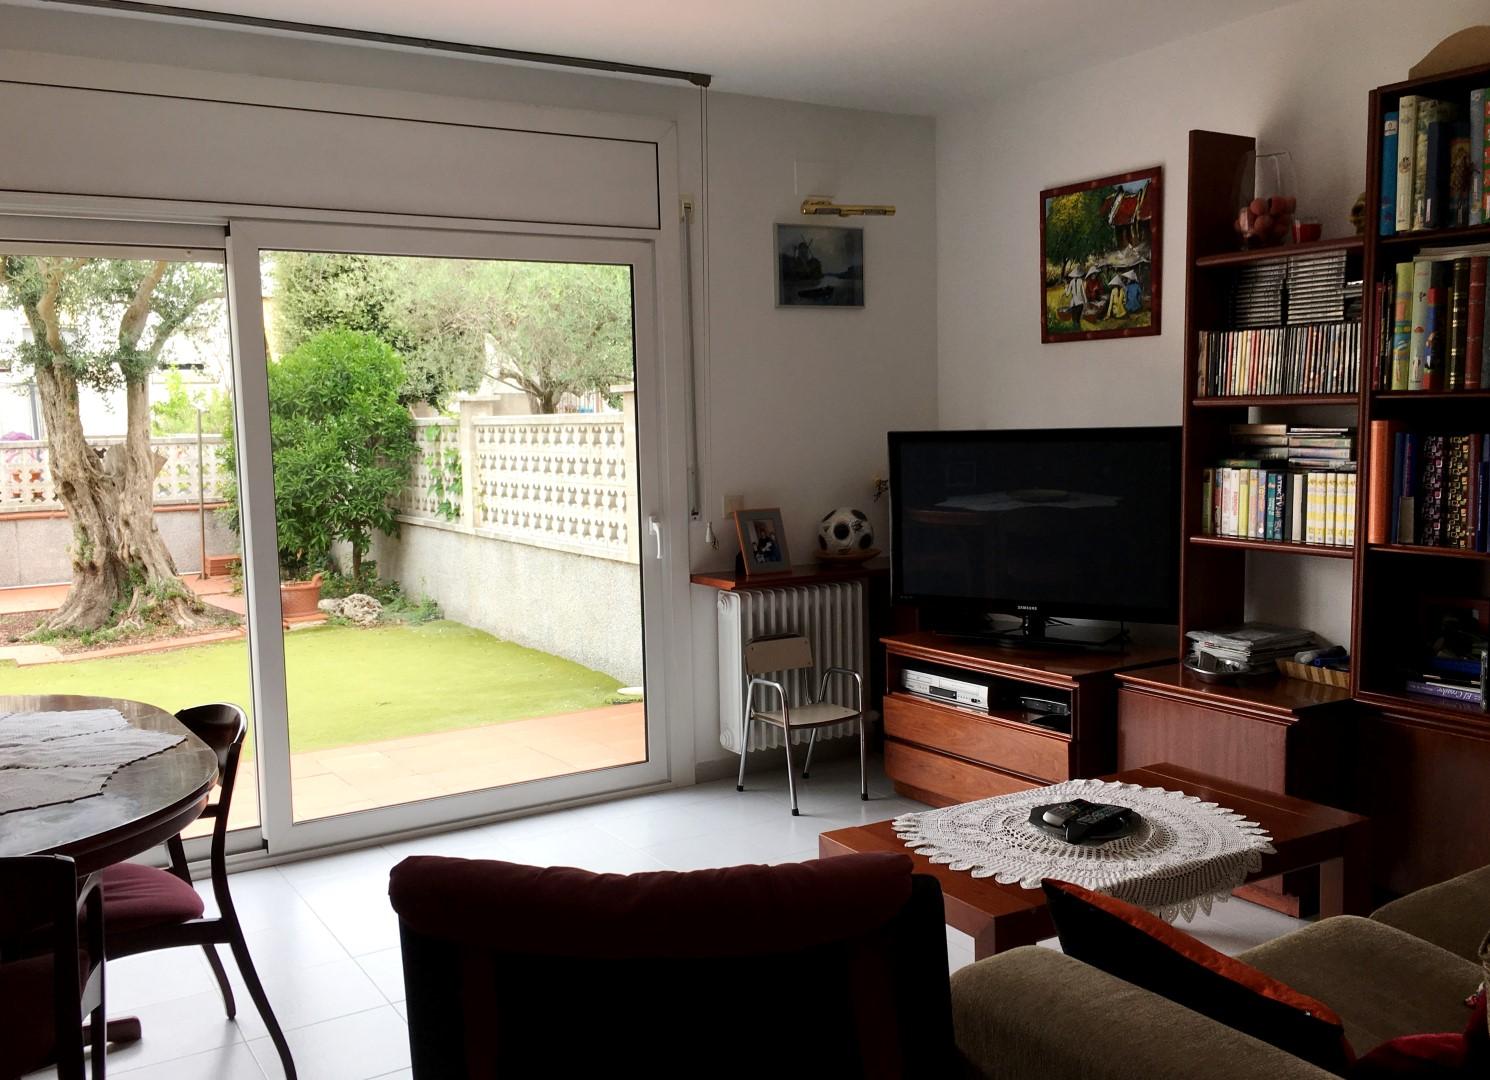 Casa con chimenea y jard n de 60m2 en fotajau focus finques for Jardin 60m2